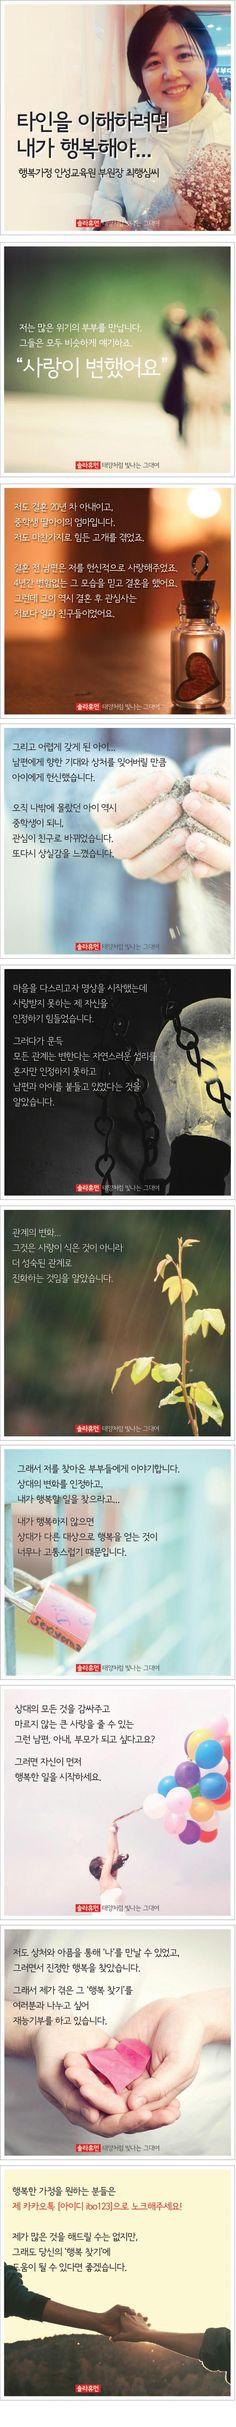 휴먼 스토리>건강단월드>명상호흡 1위기업 단월드